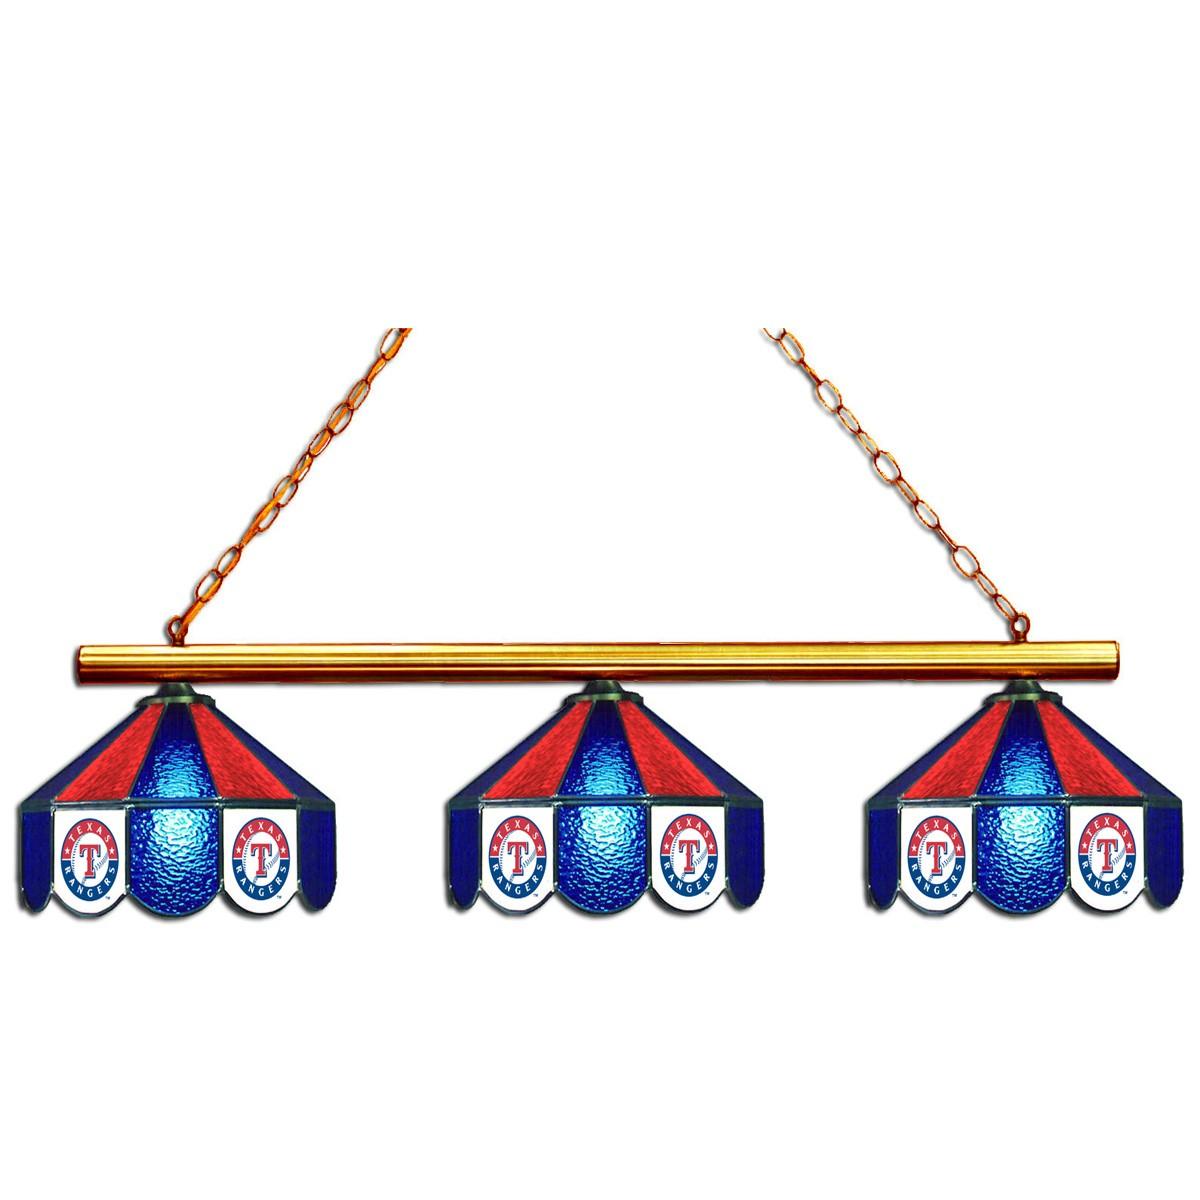 8' MLB Texas Rangers Team Logo Pool Table